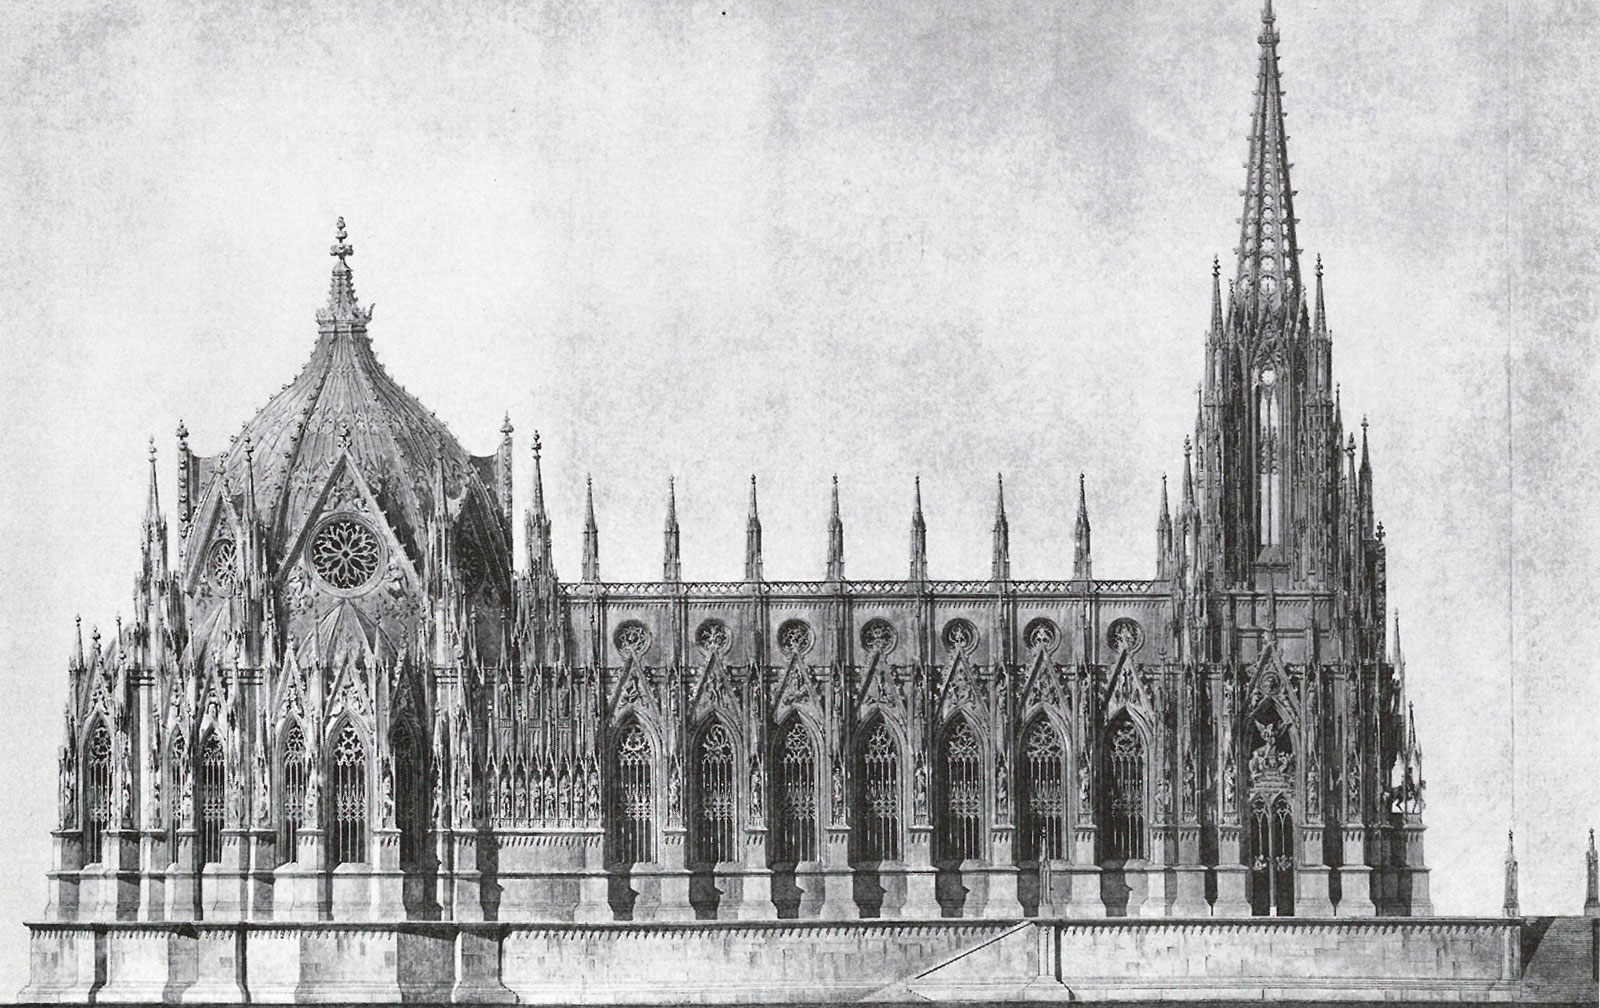 Abb. 7: Entwurf für einen Dom als Denkmal für die Befreiungskriege in Berlin, Karl Friedrich Schinkel, 1814/15, Staatliche Museen zu Berlin